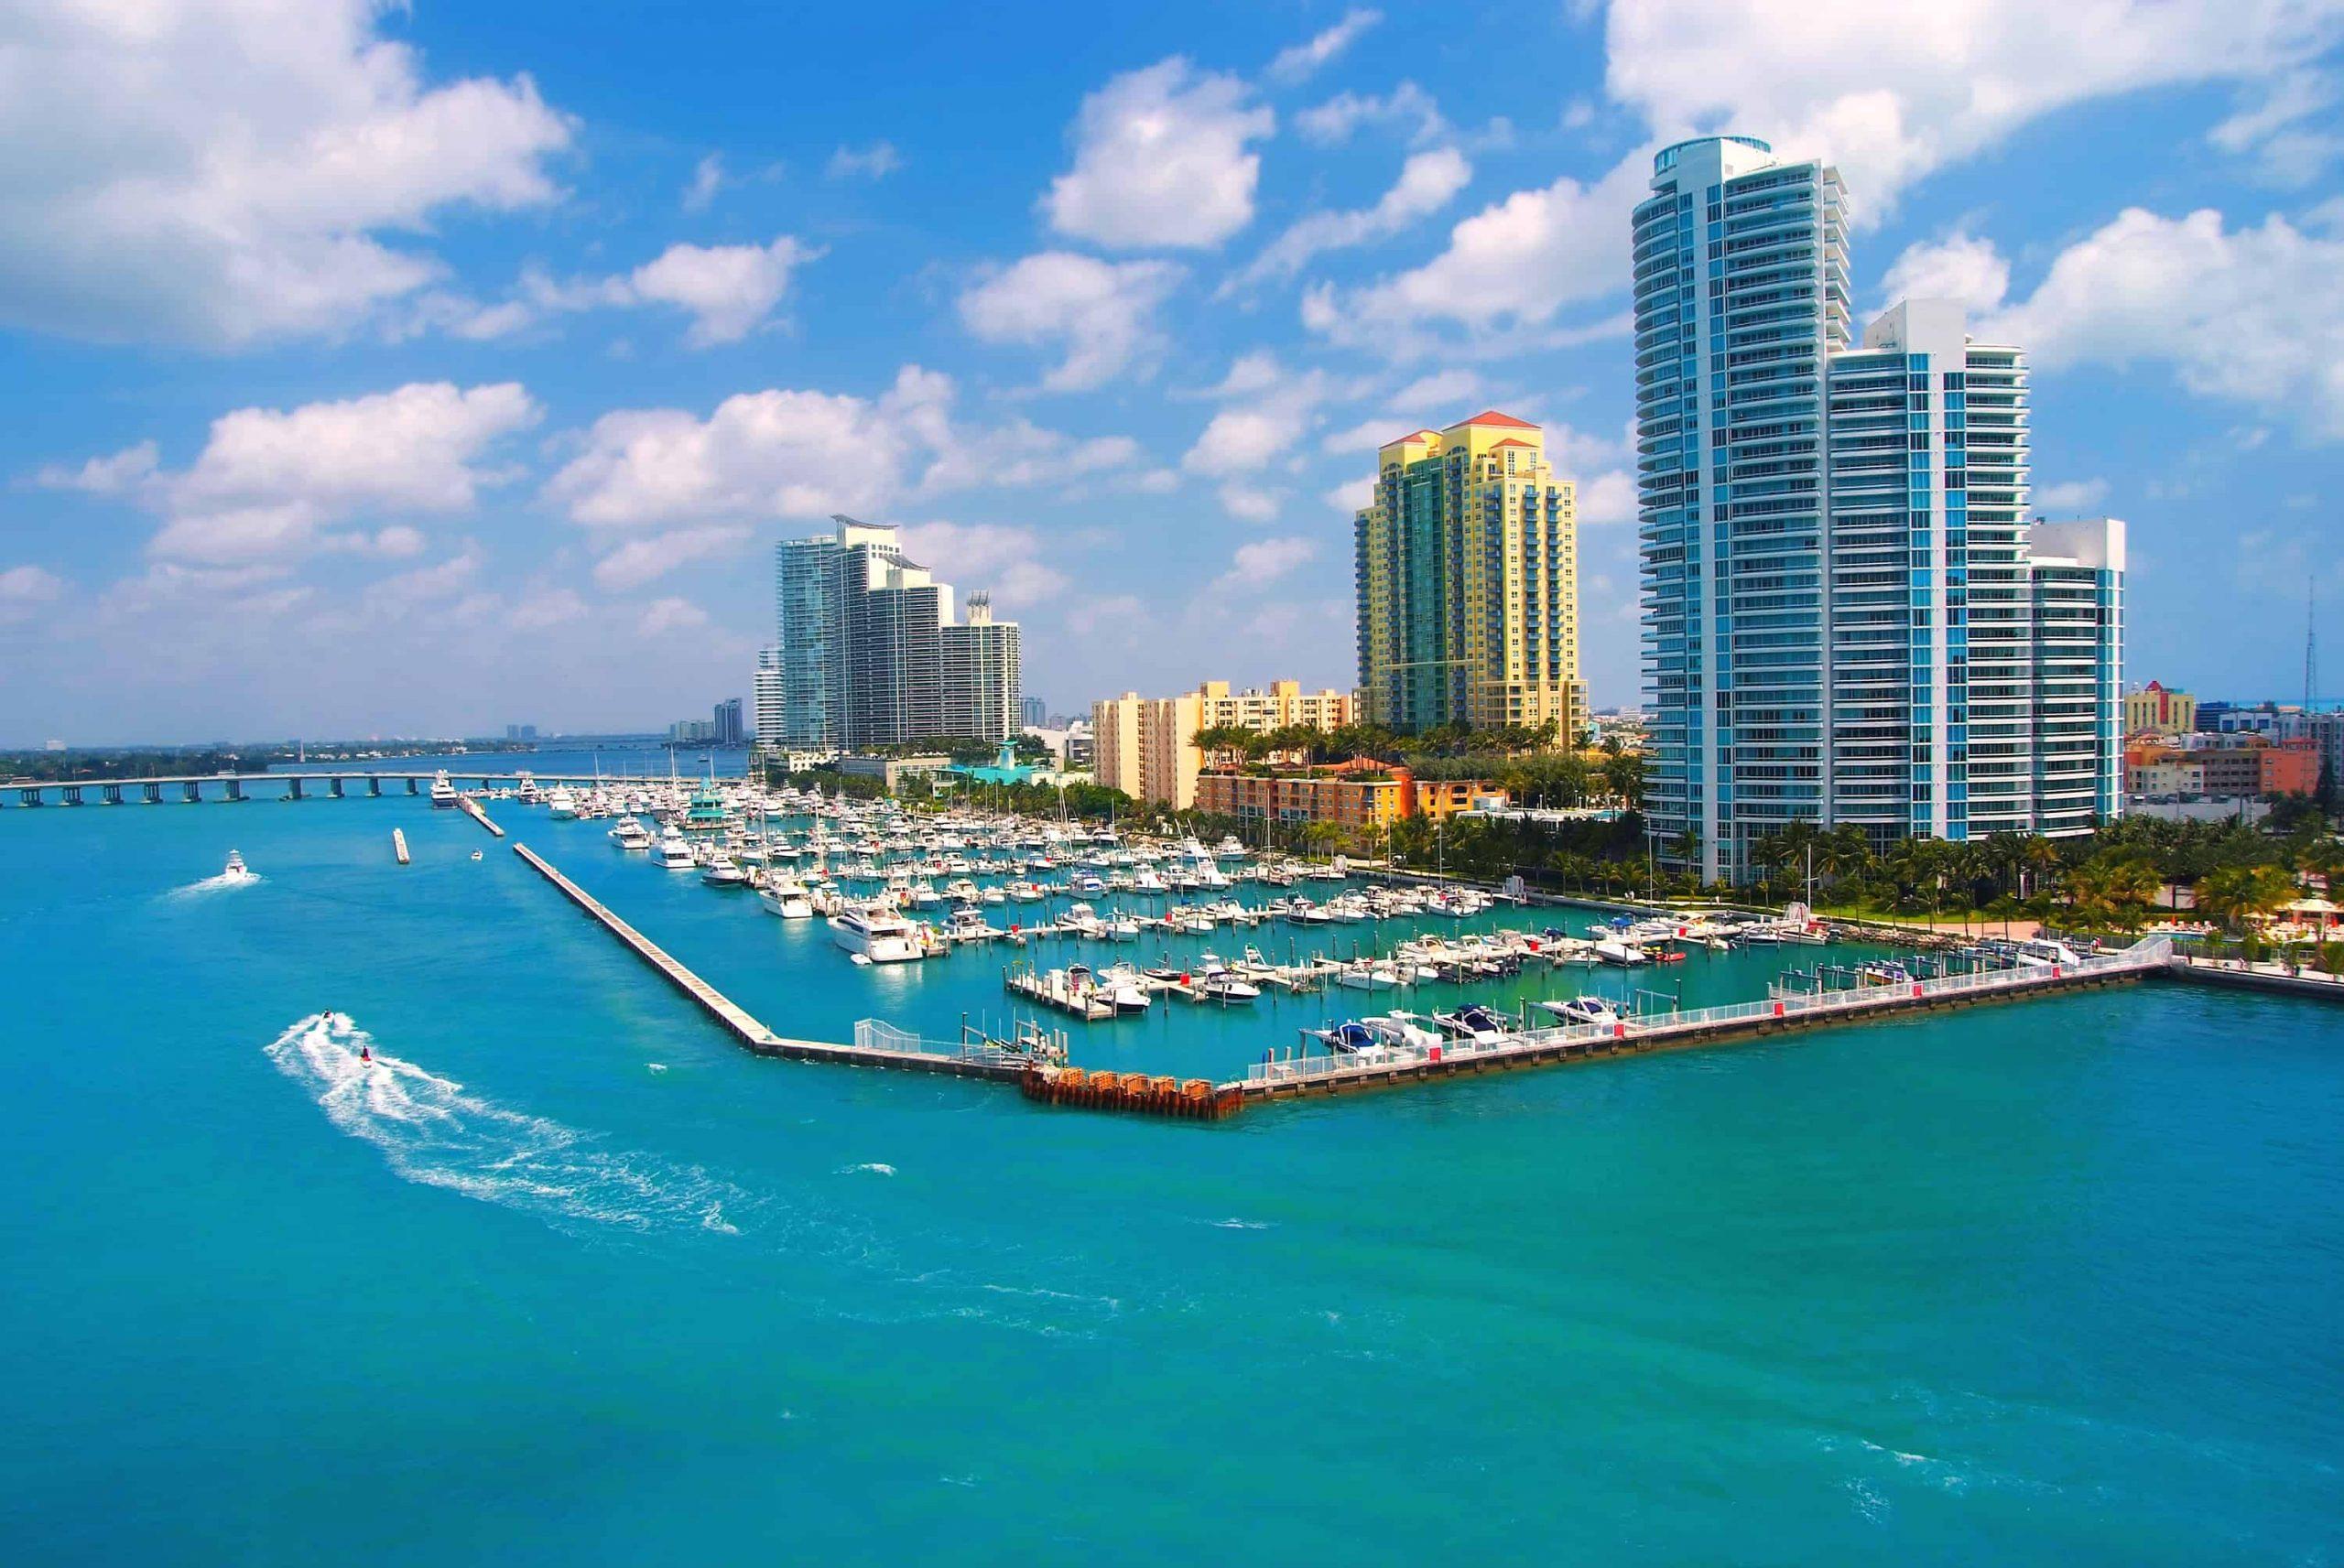 Rundreise Miami: Empfehlungen & Vergleich (07/20)